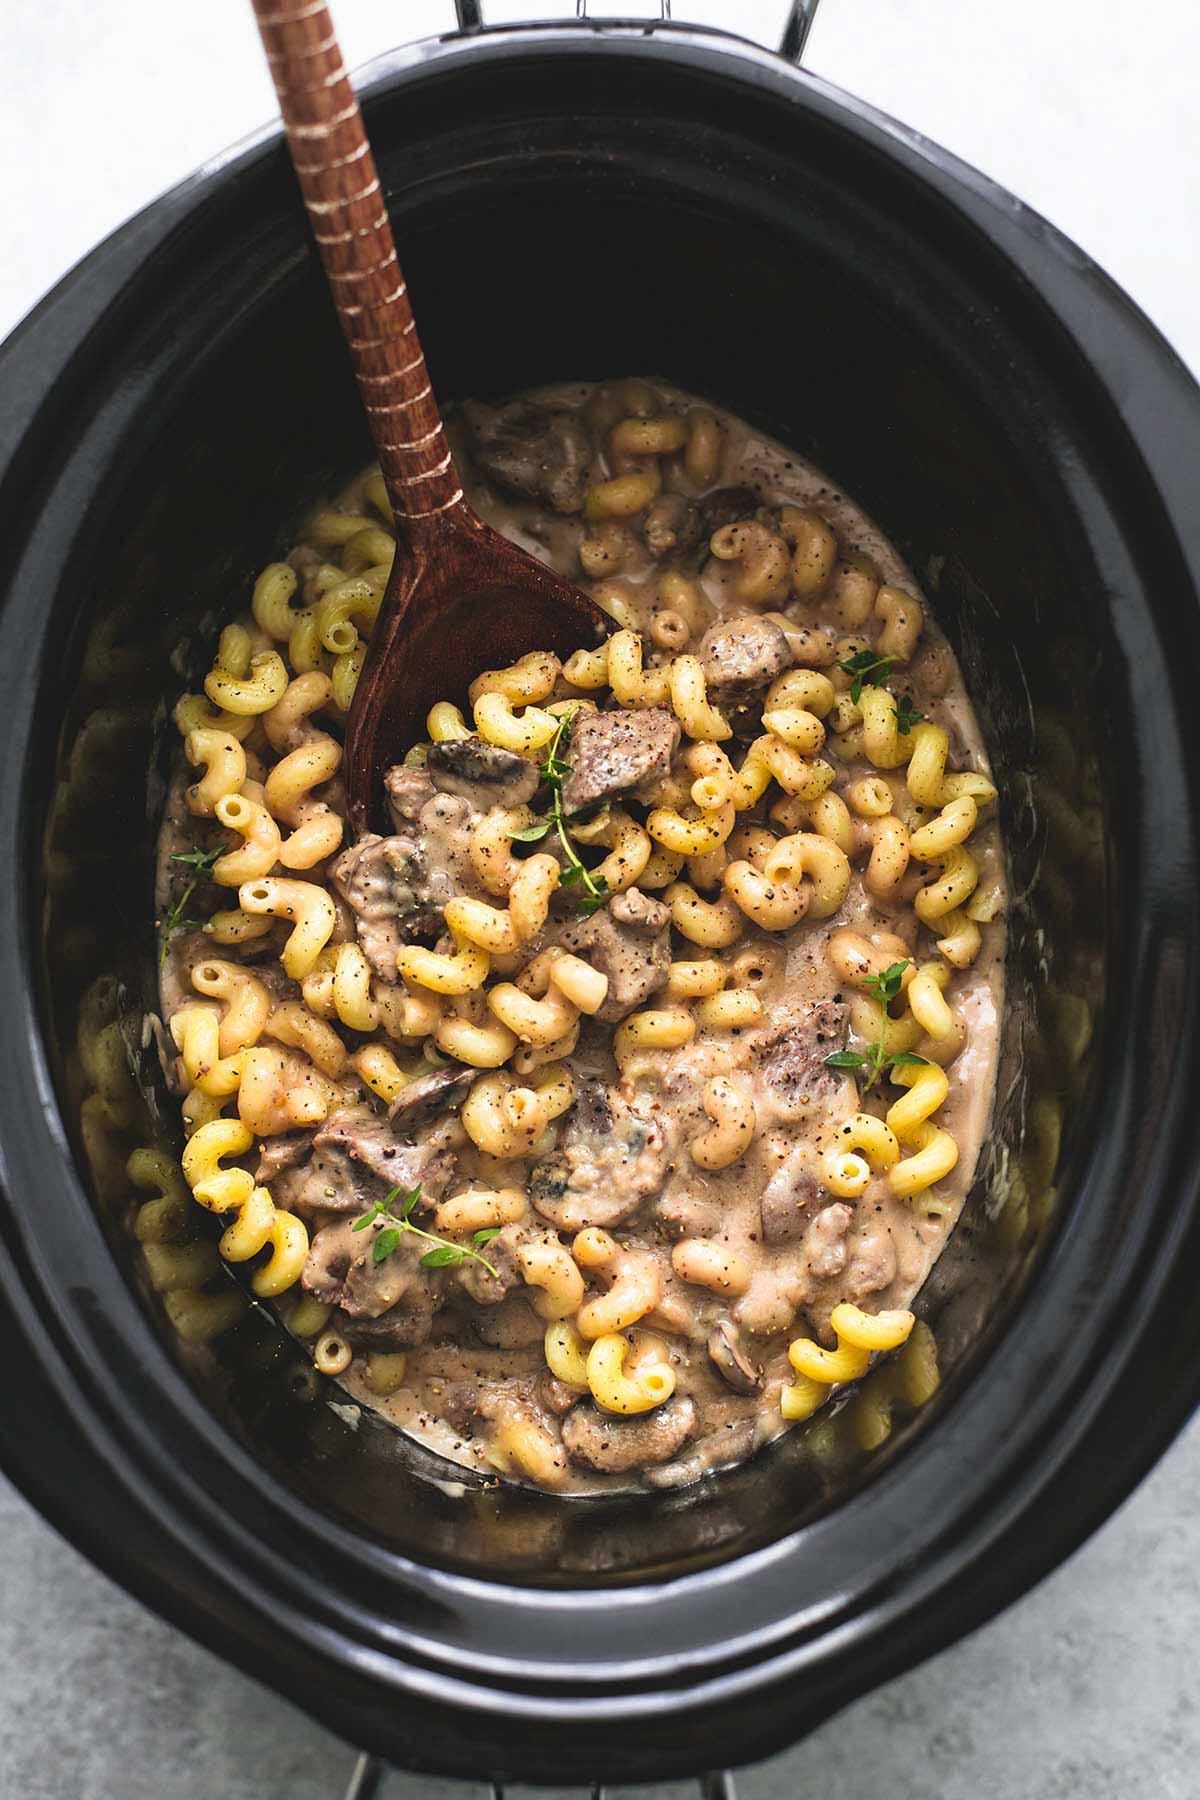 Crock Pot Beef Stroganoff Healthy  Slow Cooker Creamy Beef Stroganoff